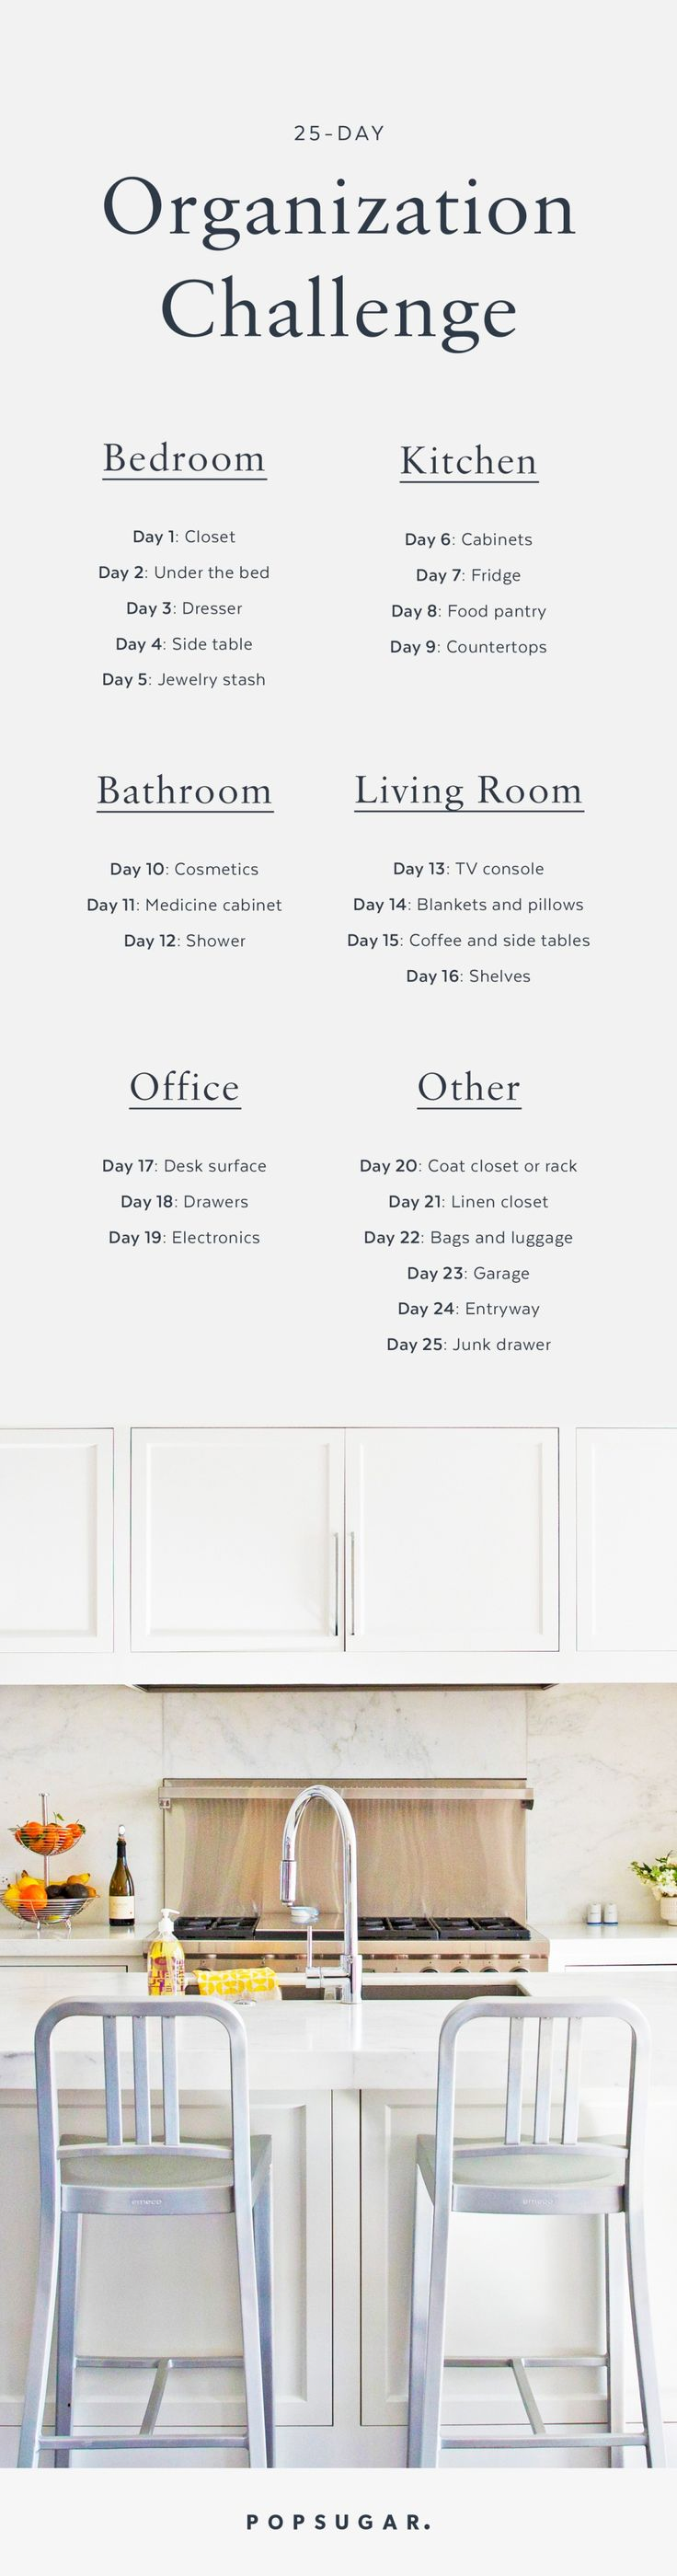 25-Day Organization Challenge